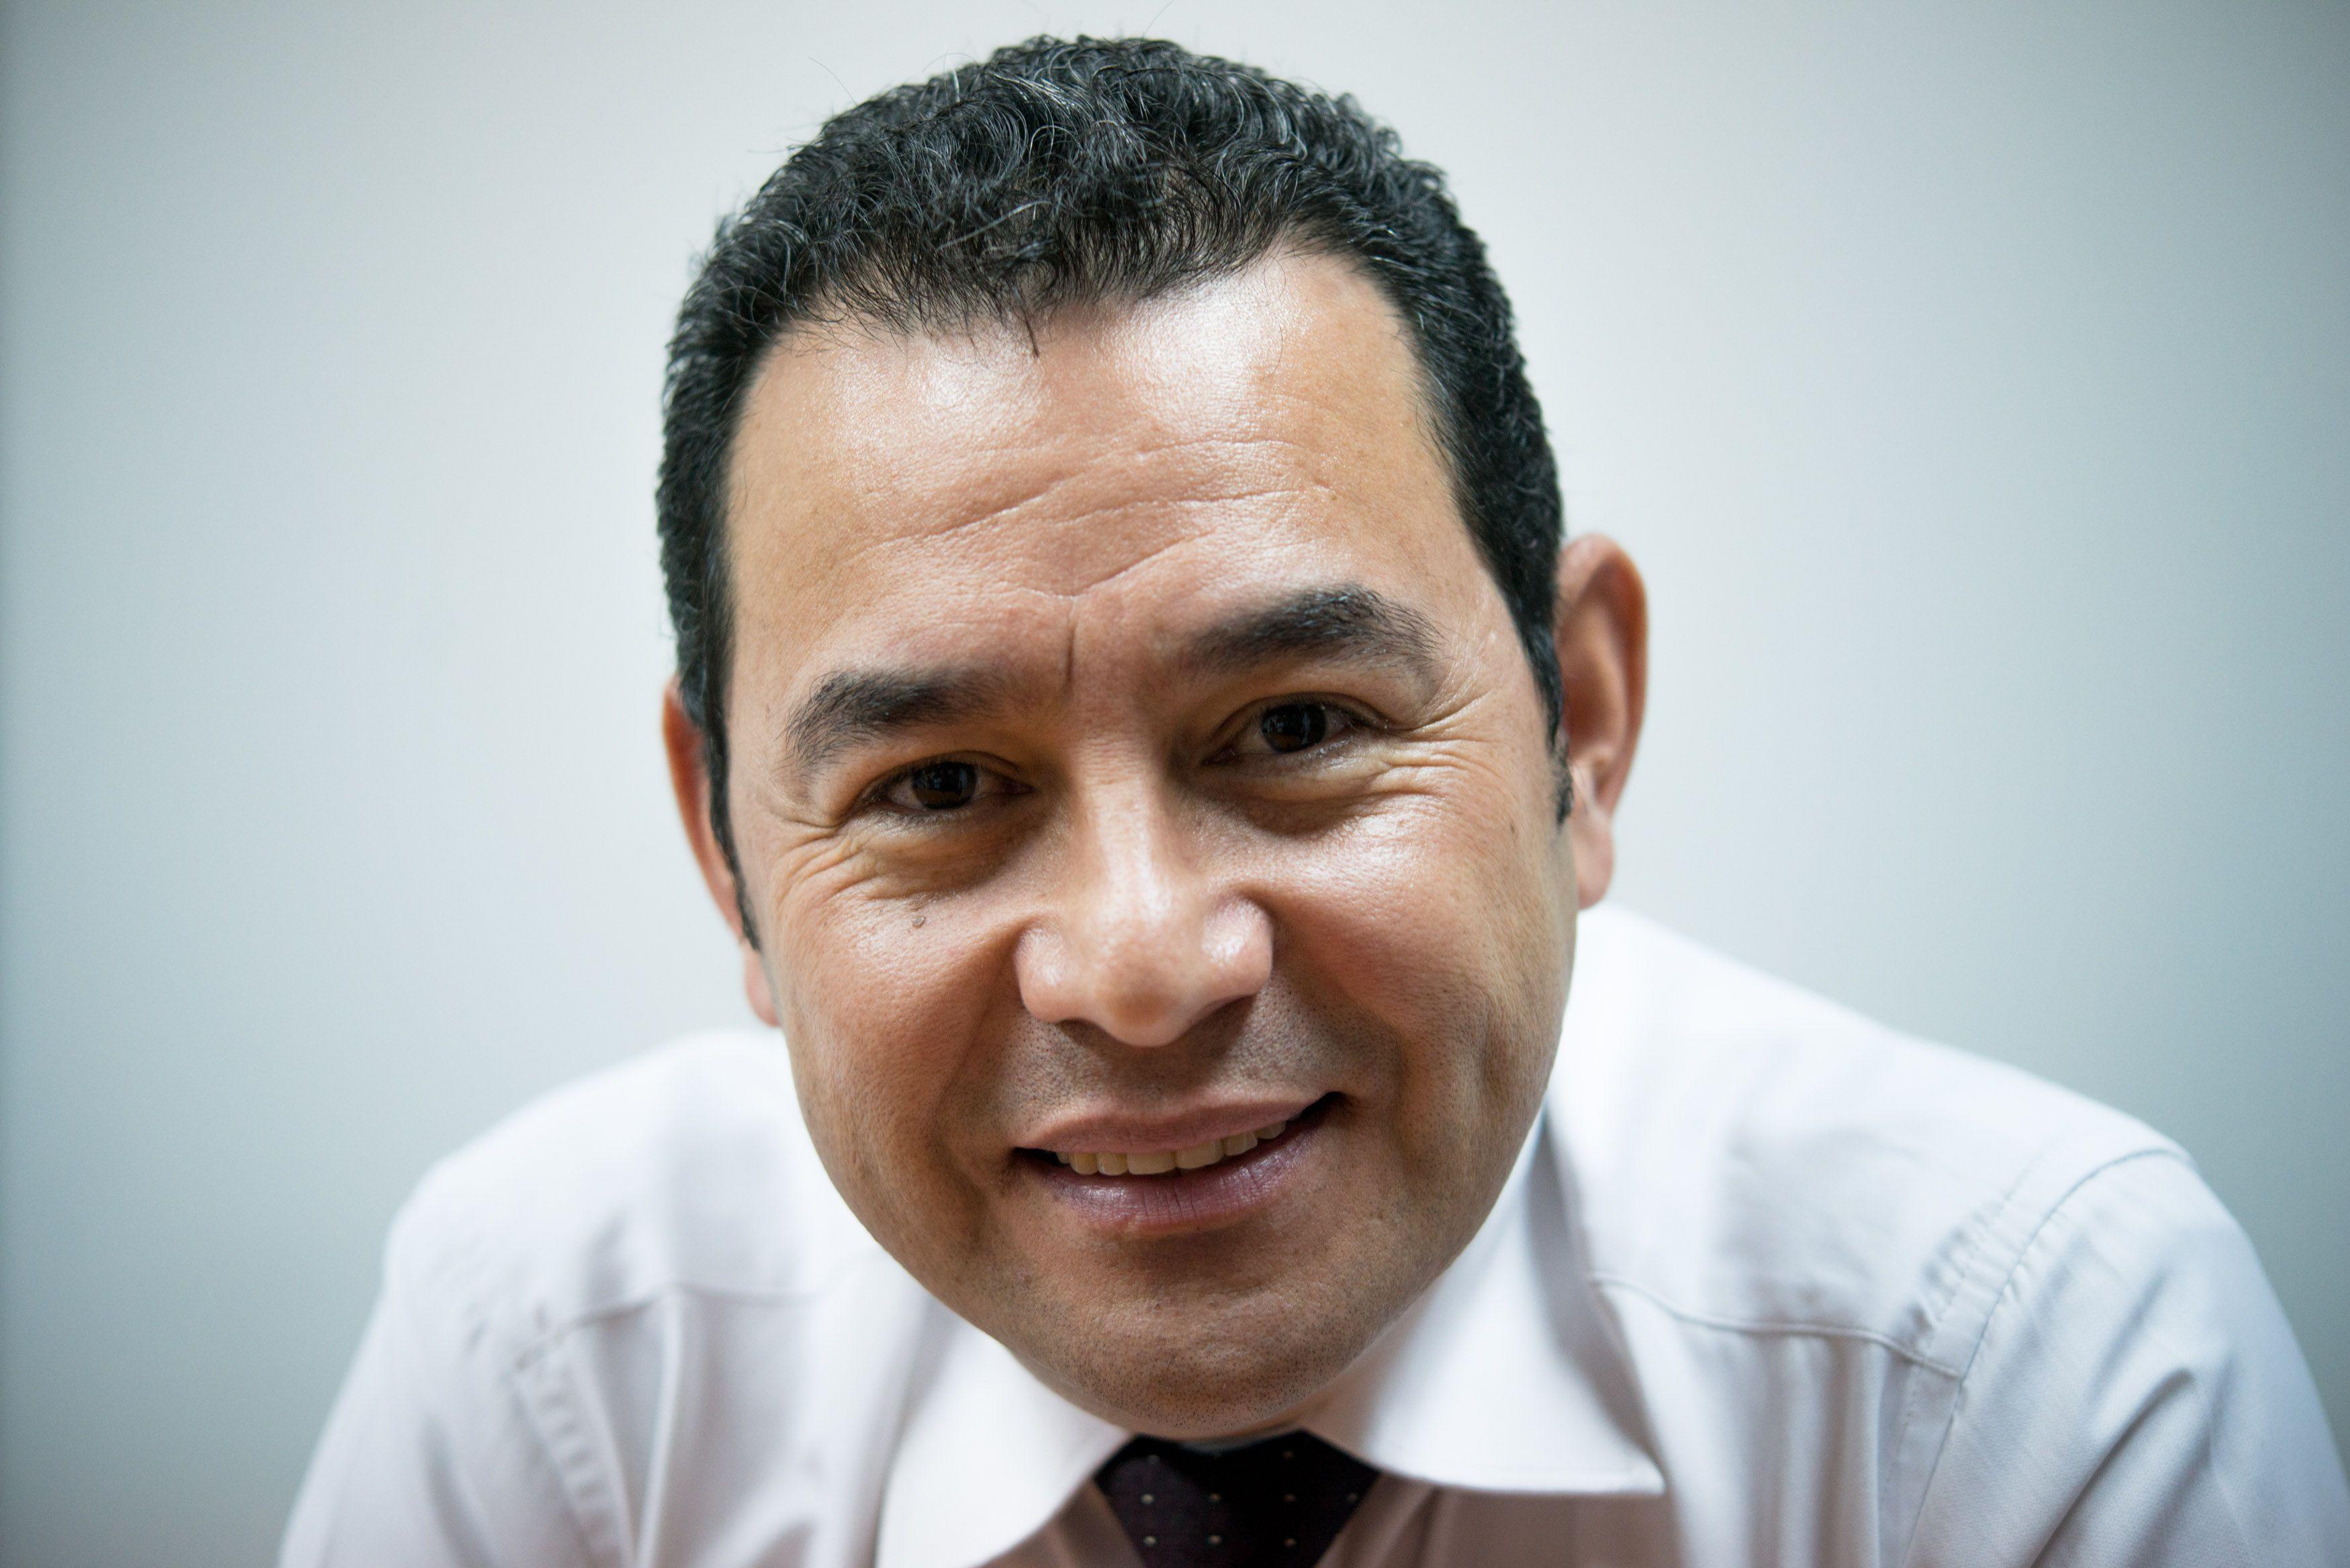 CANDIDATO EVANGÉLICO GANA ELECCIONES PRESIDENCIALES EN GUATEMALA